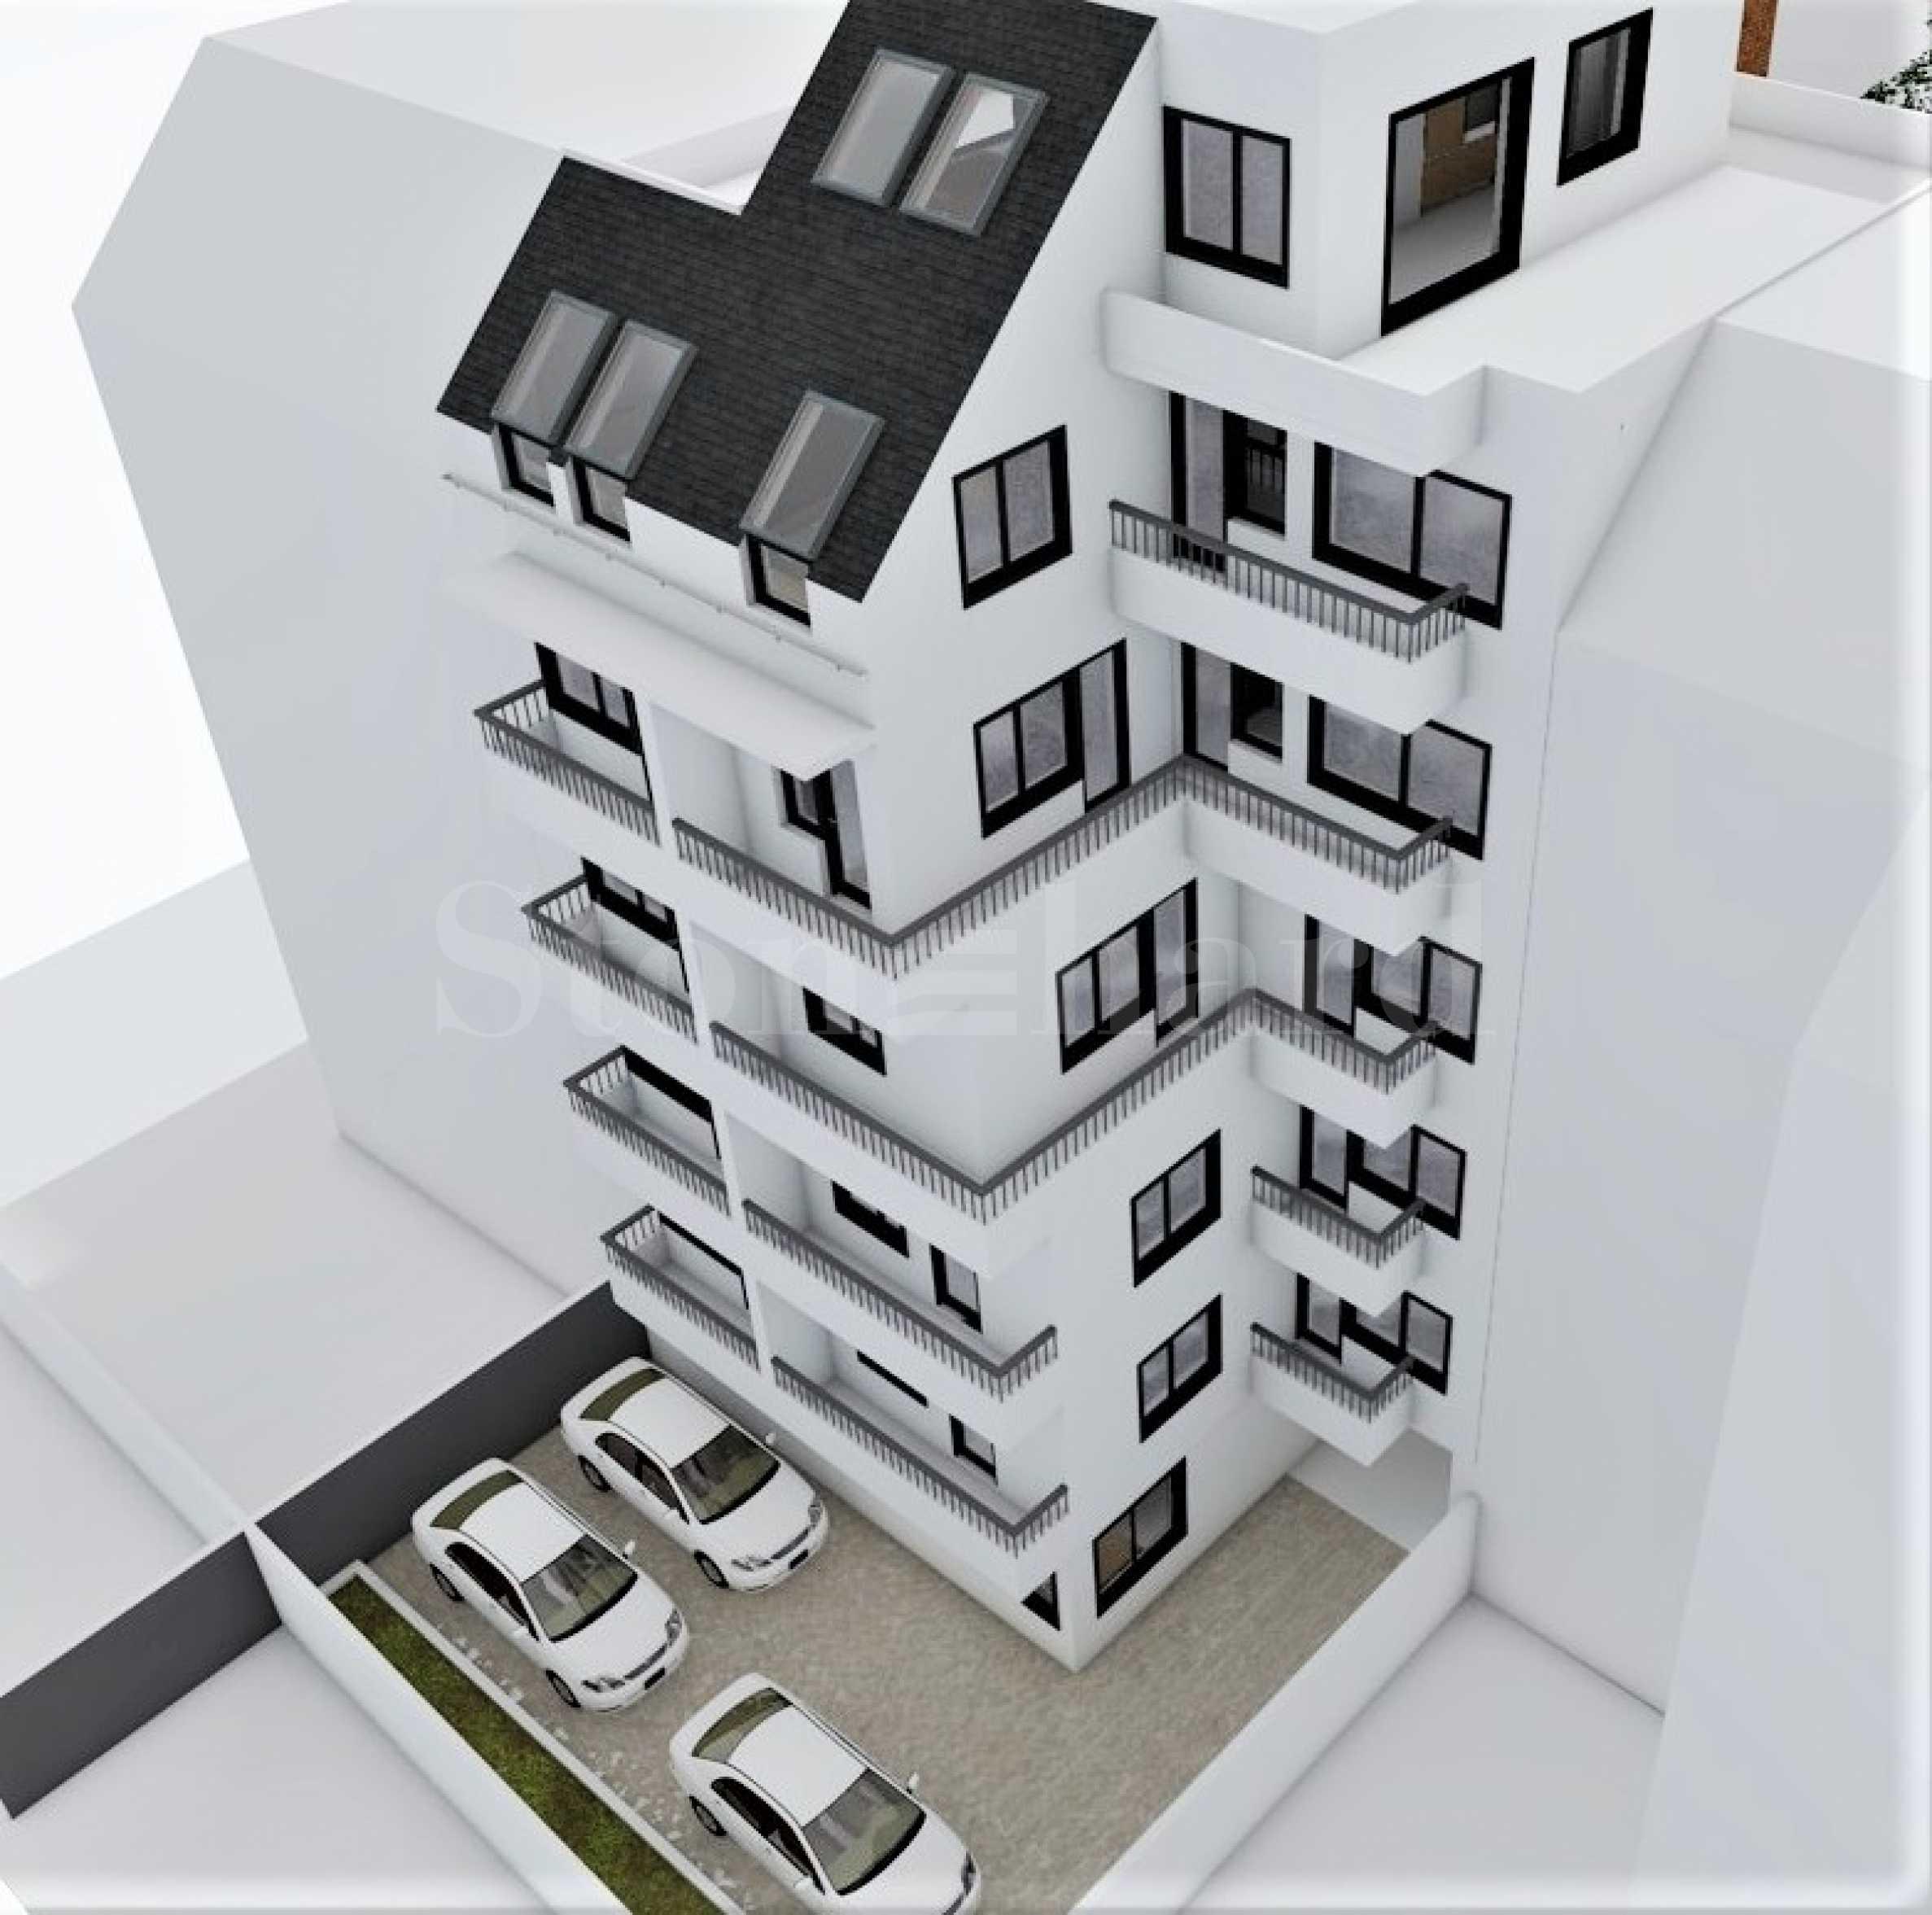 Апартаменти в нова жилищна сграда в кв. Лятно кино Тракия2 - Stonehard